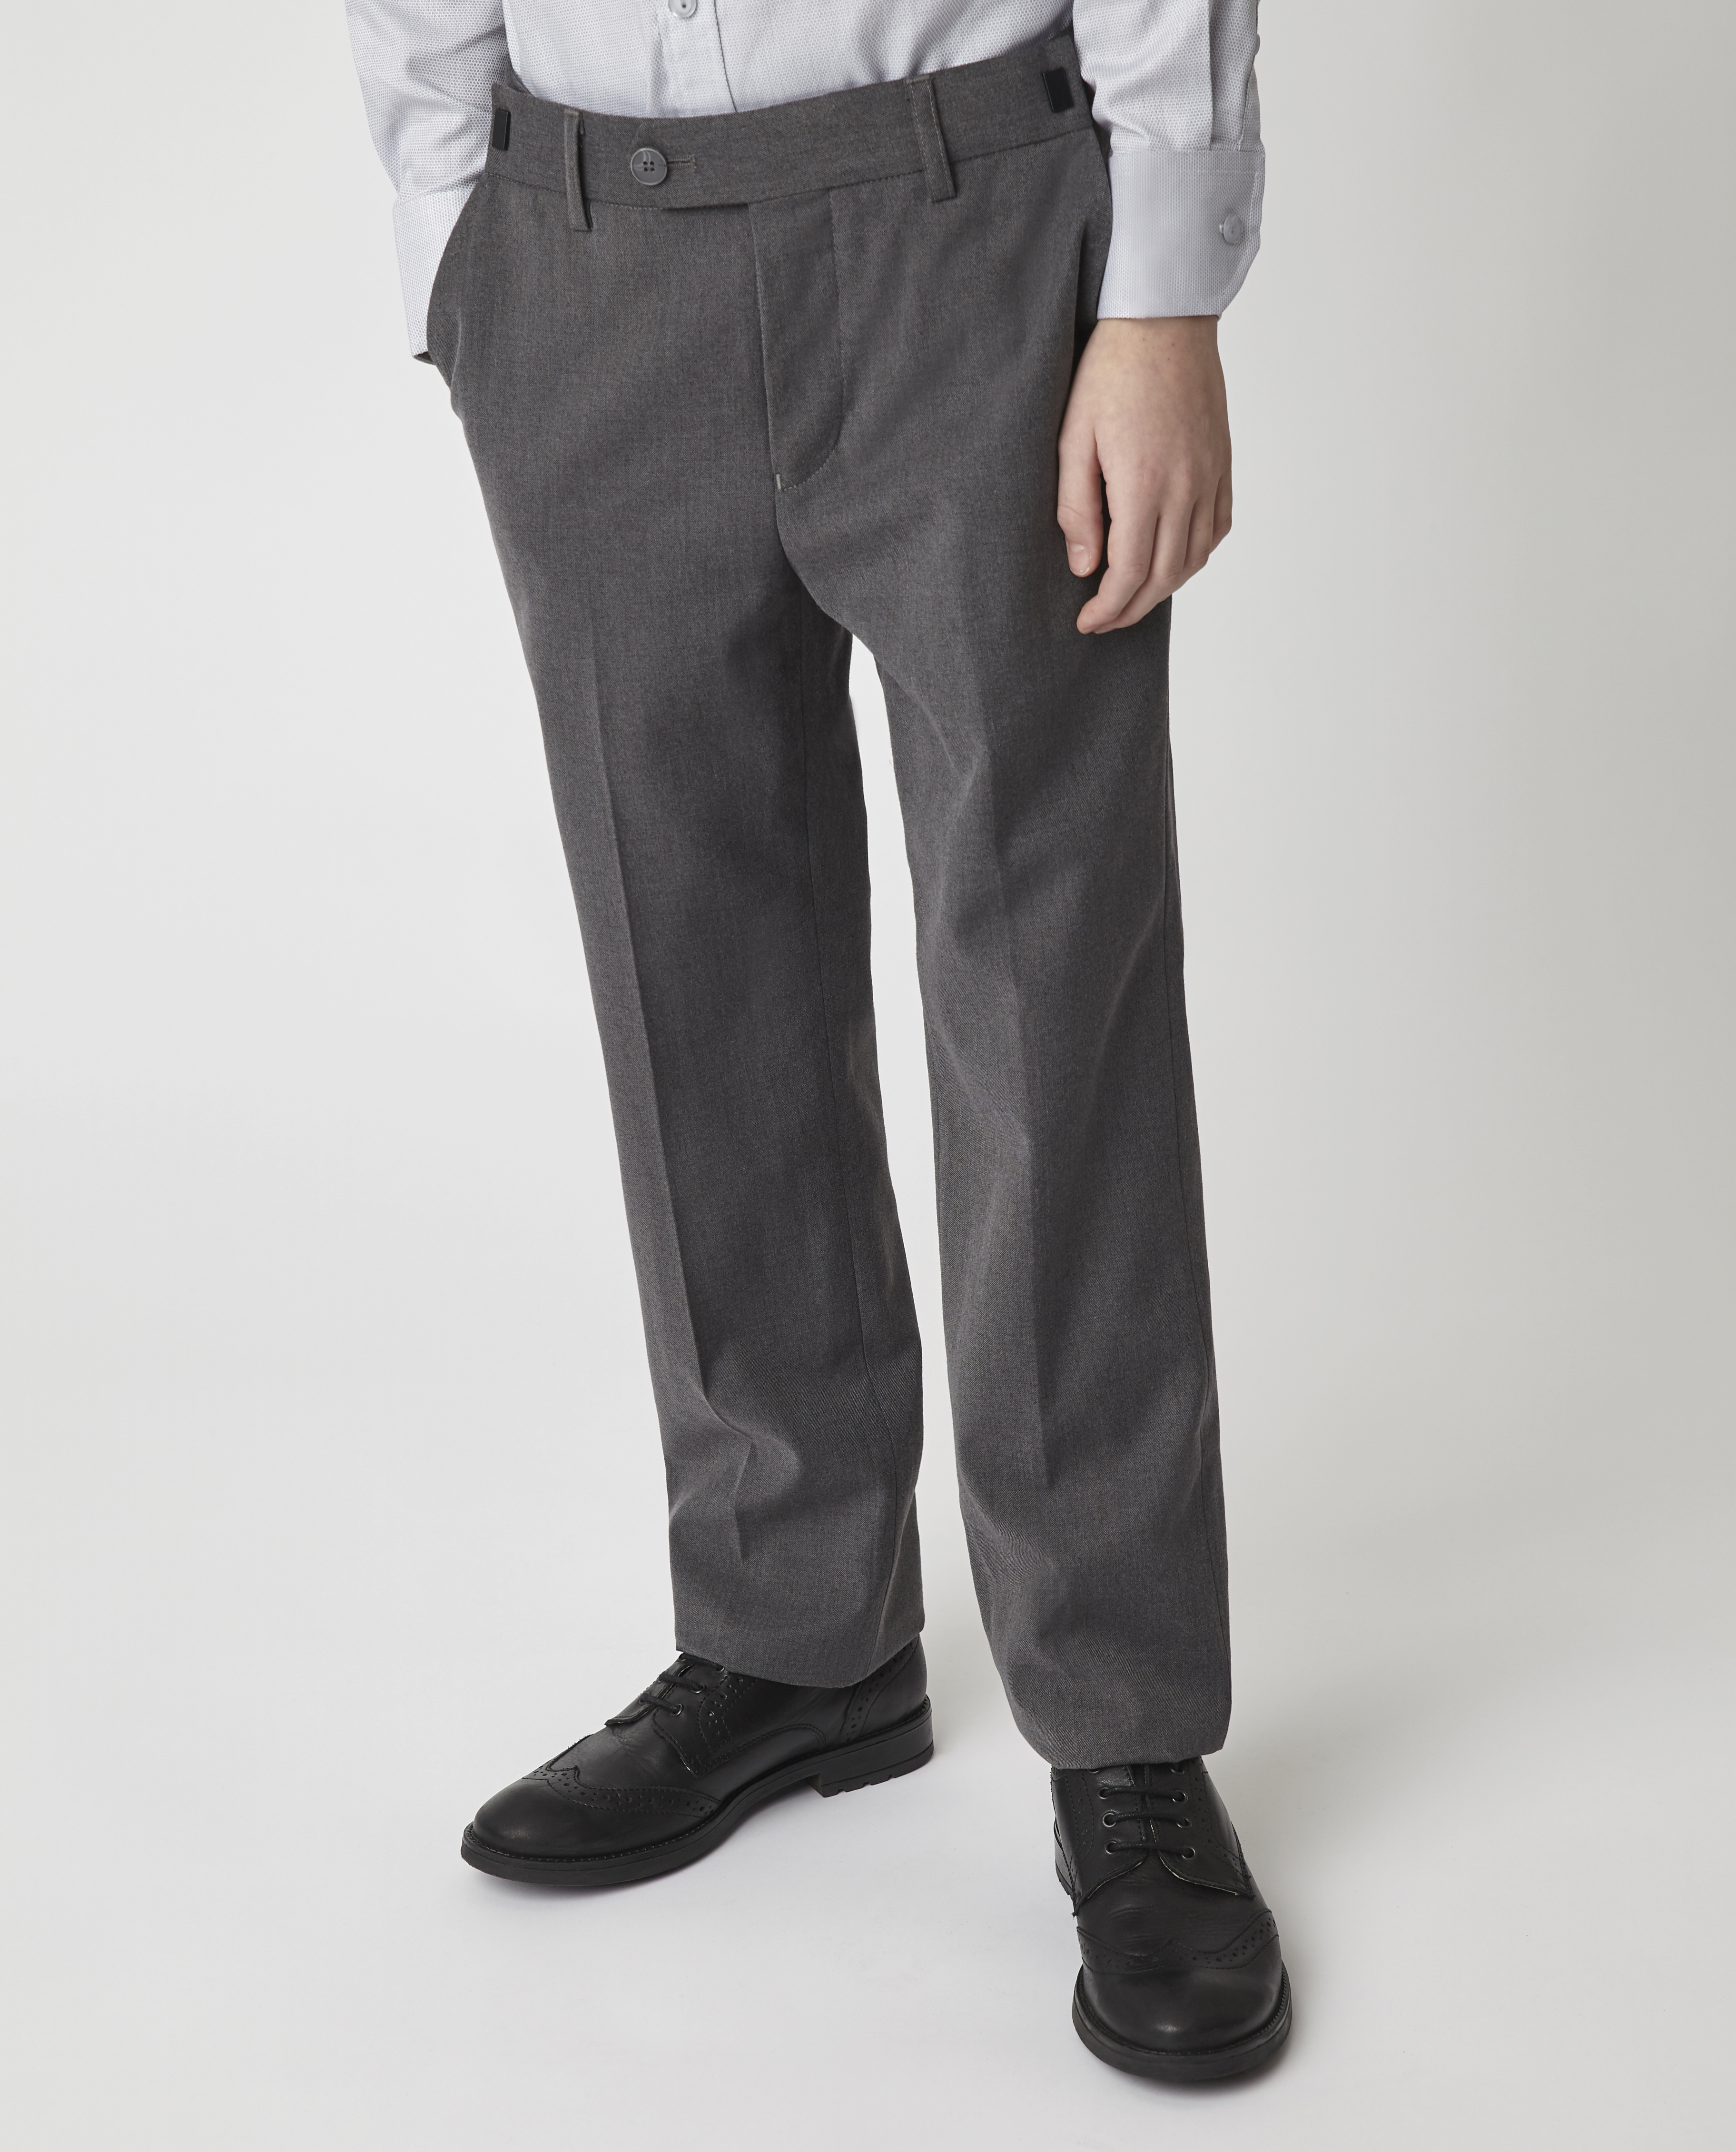 Купить 220GSBC6303, Серые брюки Gulliver, серый, 158, Мужской, Демисезон, ШКОЛЬНАЯ ФОРМА 2020-2021 (shop: GulliverMarket Gulliver Market)